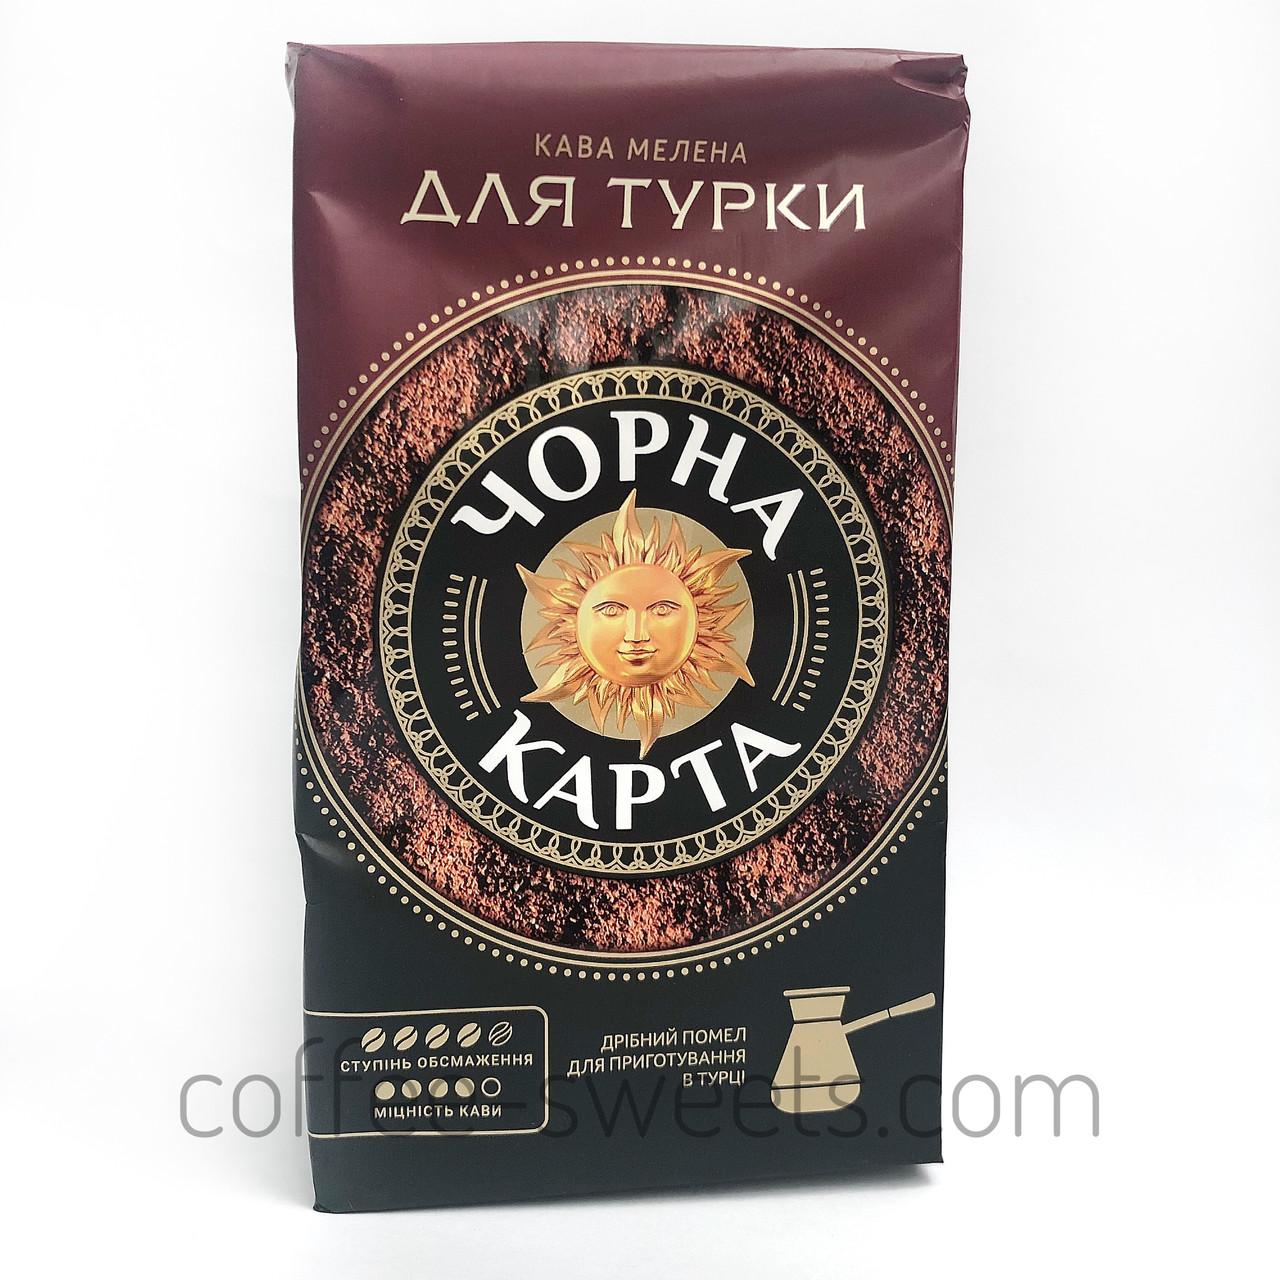 """Кофе молотый Черная карта """"Для турки"""" 230 гр"""